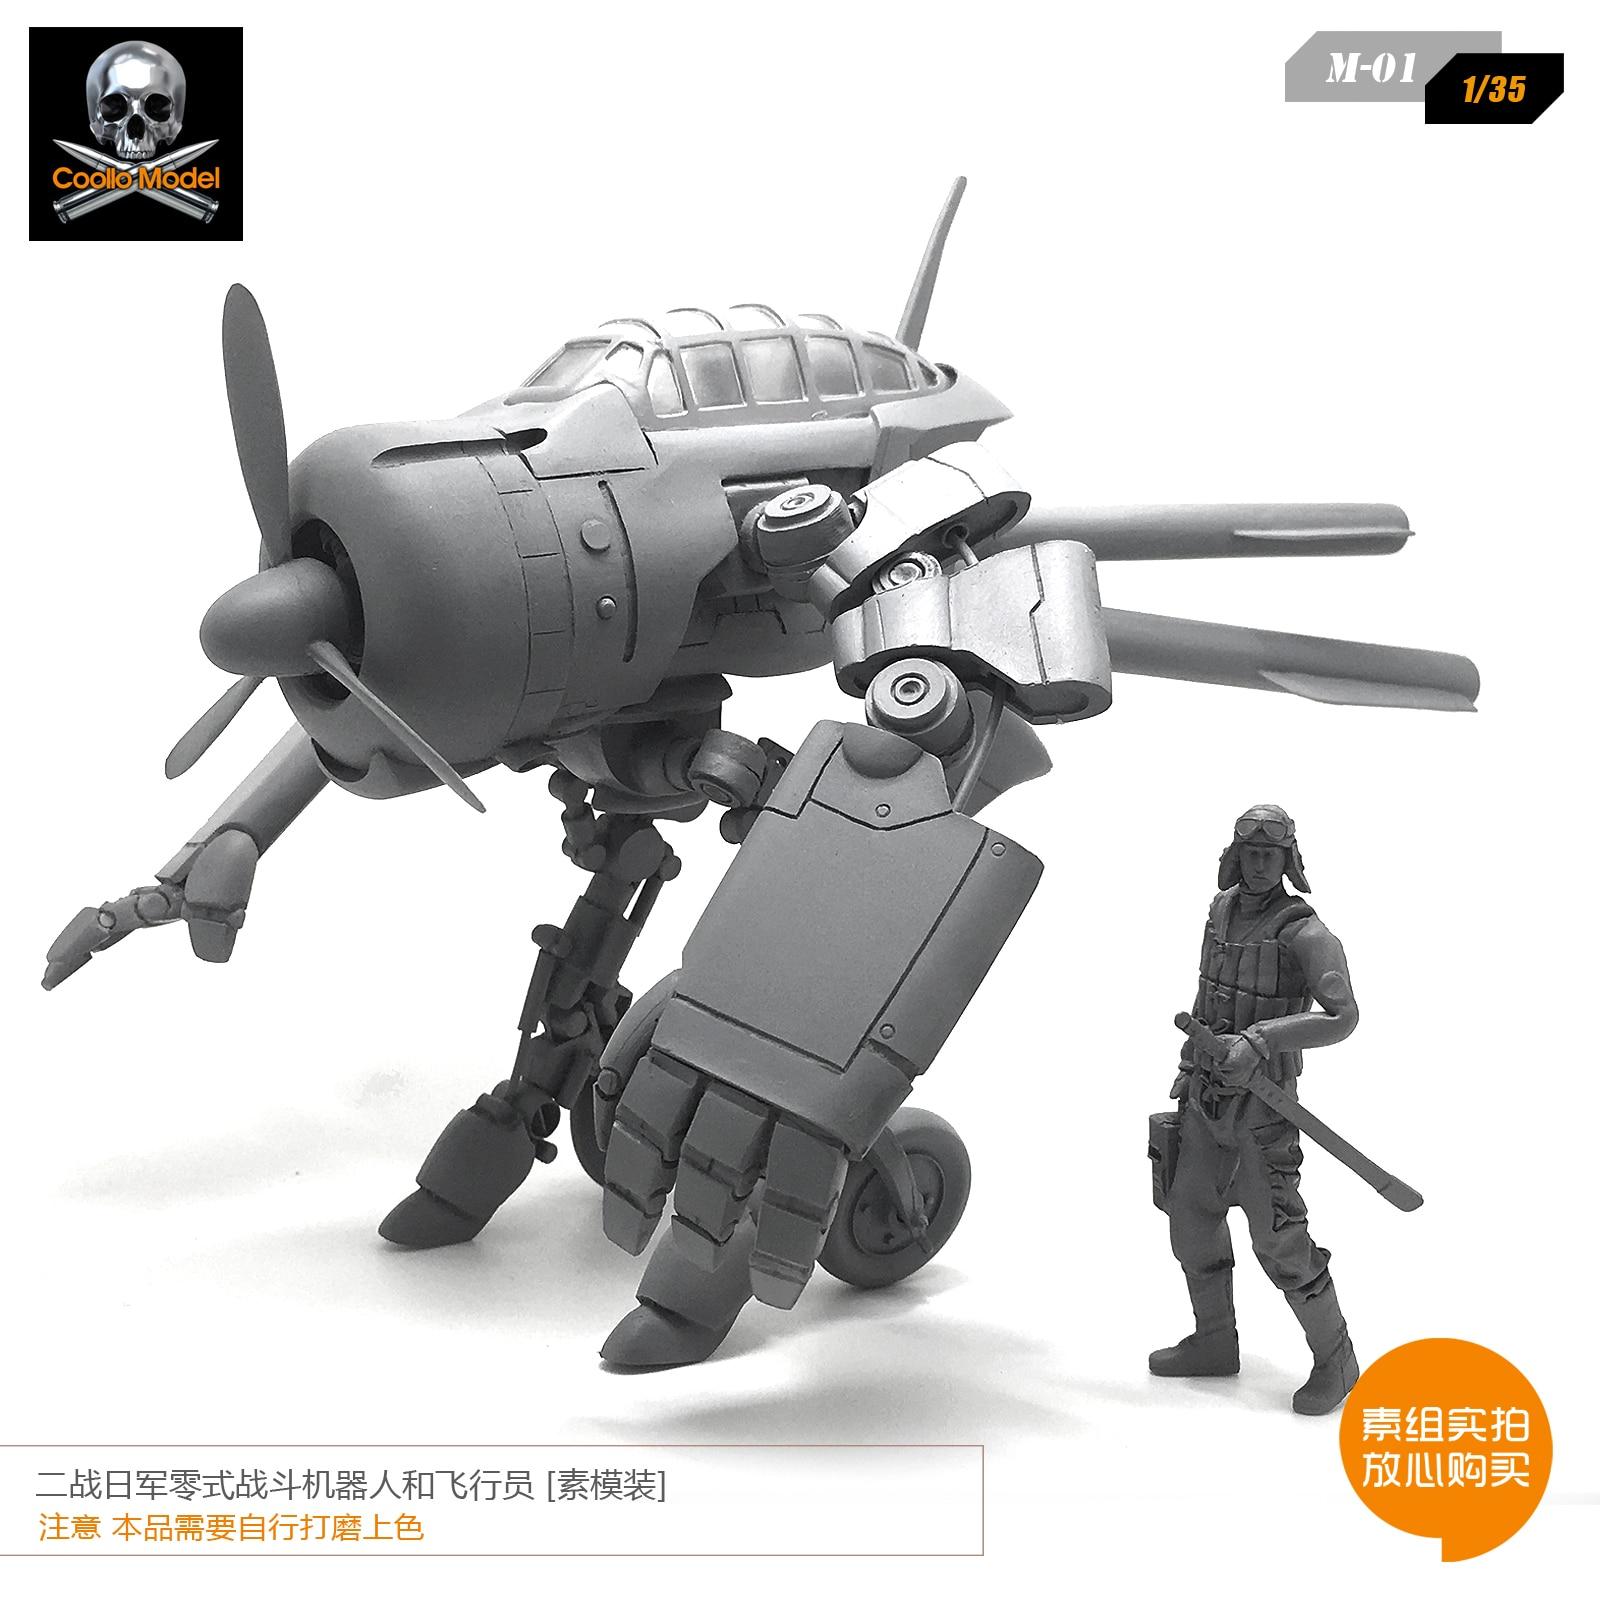 1/35 Guerra Mondiale II Zero Combattimento Robot Modello di Aeromobili e Pilota Della Resina Modello M 01 Smontato-in Kit di modellismo da Giocattoli e hobby su  Gruppo 1